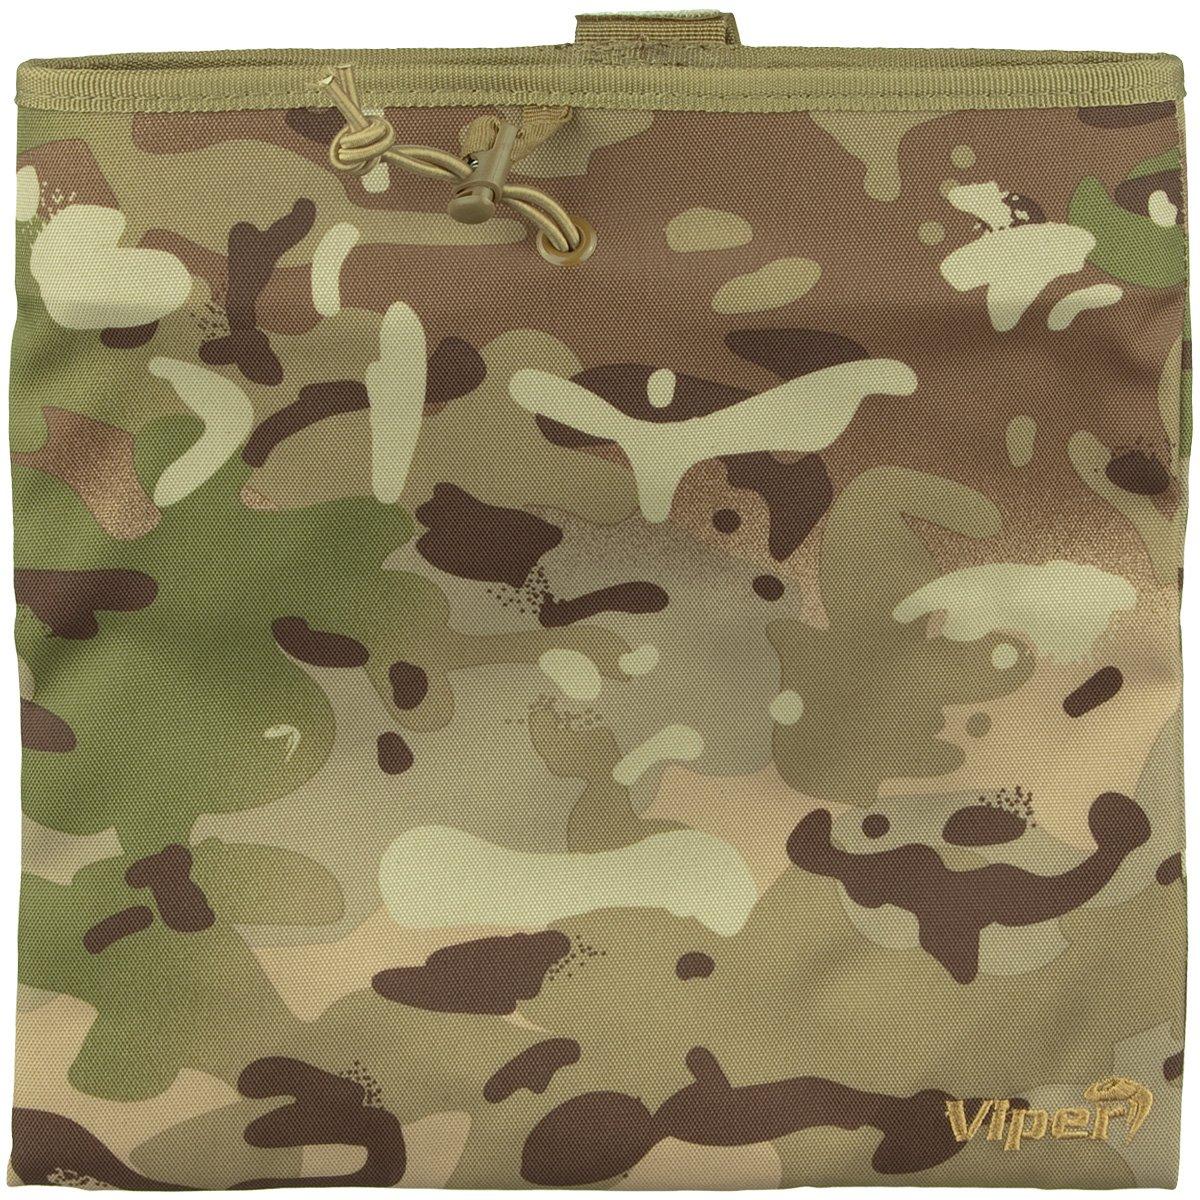 Viper Foldable Tactical Dump Bag by Viper